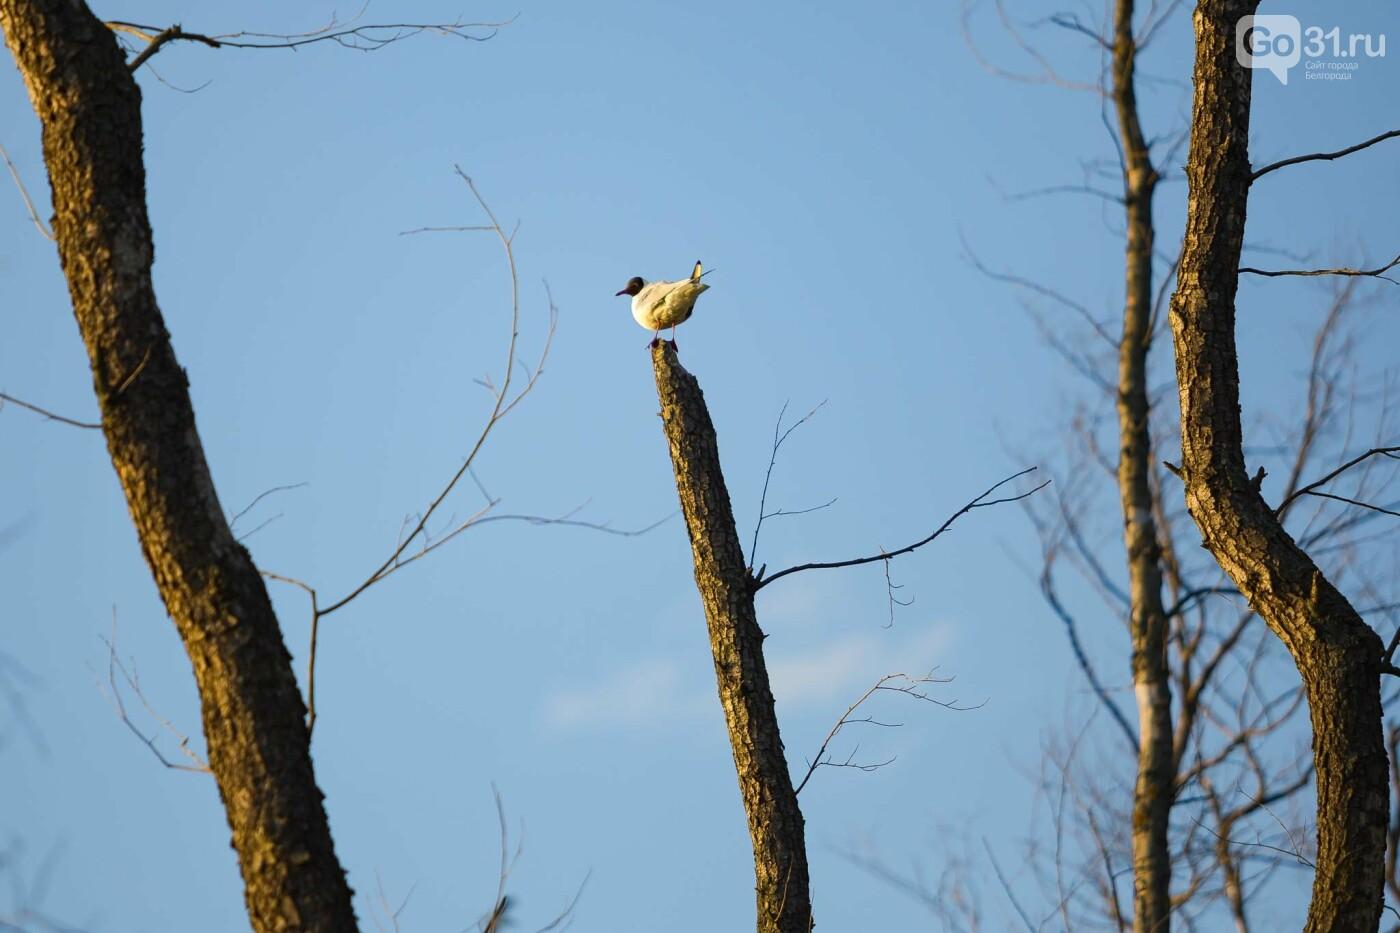 Пролетая над озером. В Белгороде чайки выбрали удобное место обитания, фото-15, Фото: Антон Вергун